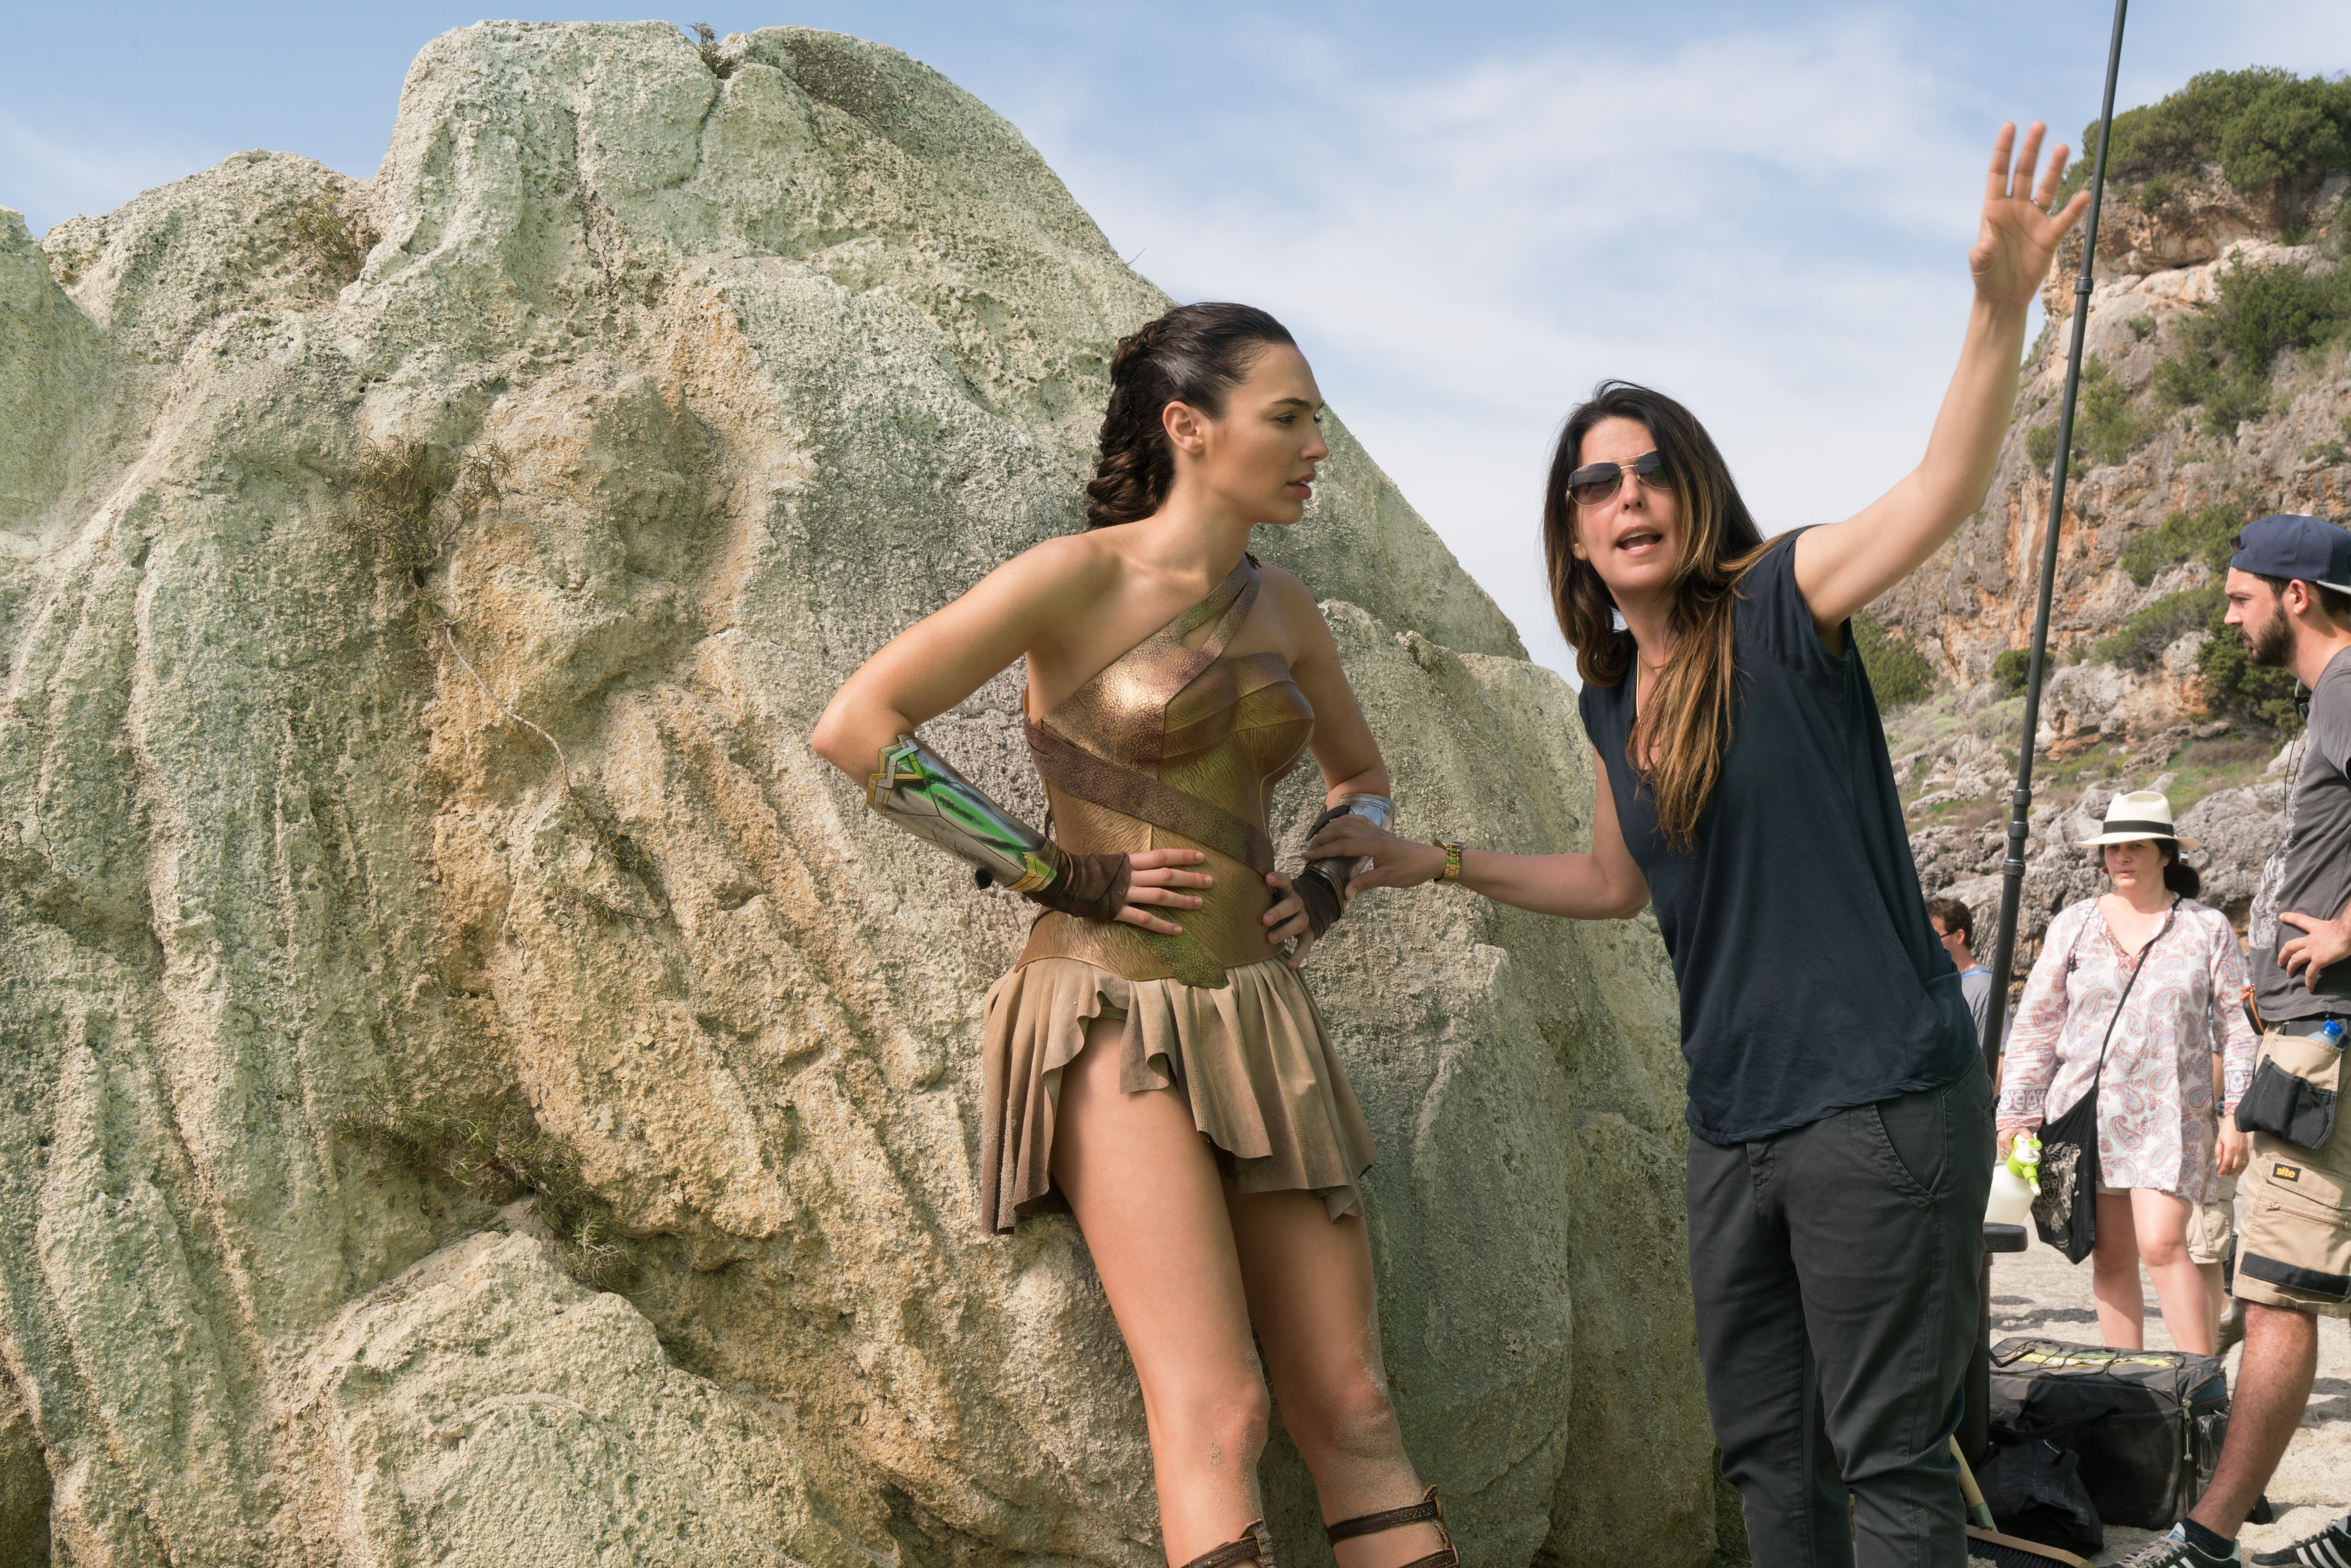 Wonder Woman 3 : ワンダーウーマンは、私の分身 ! !、DC コミックスの戦うヒロインの物語が幕を閉じる完結編の「ワンダーウーマン 3」について、パティ監督が語ってくれた ! !